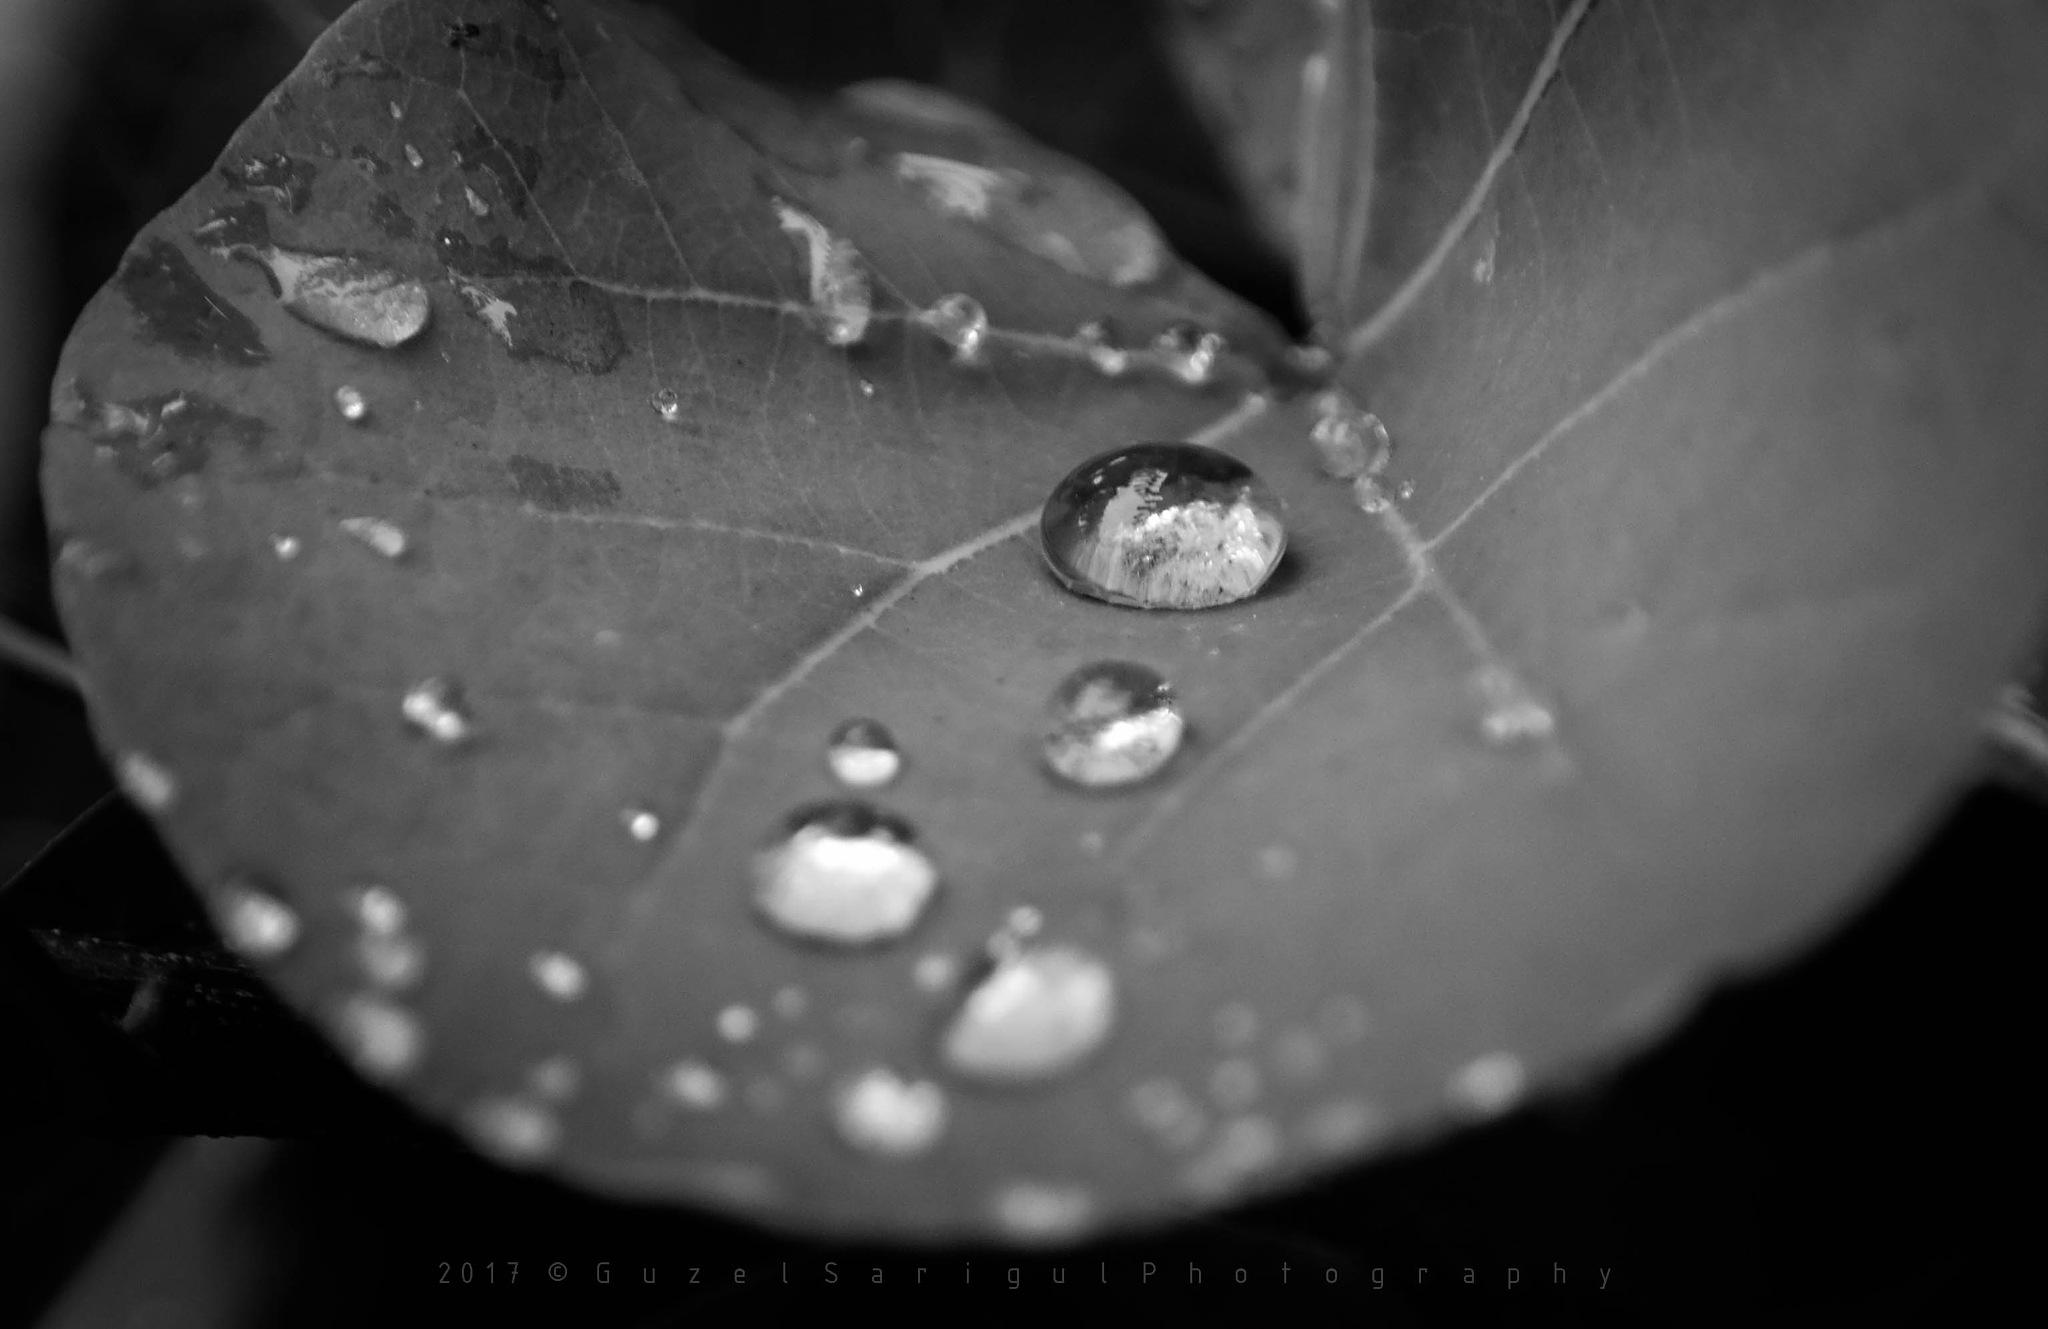 The rain.. by Guzel Sarigul